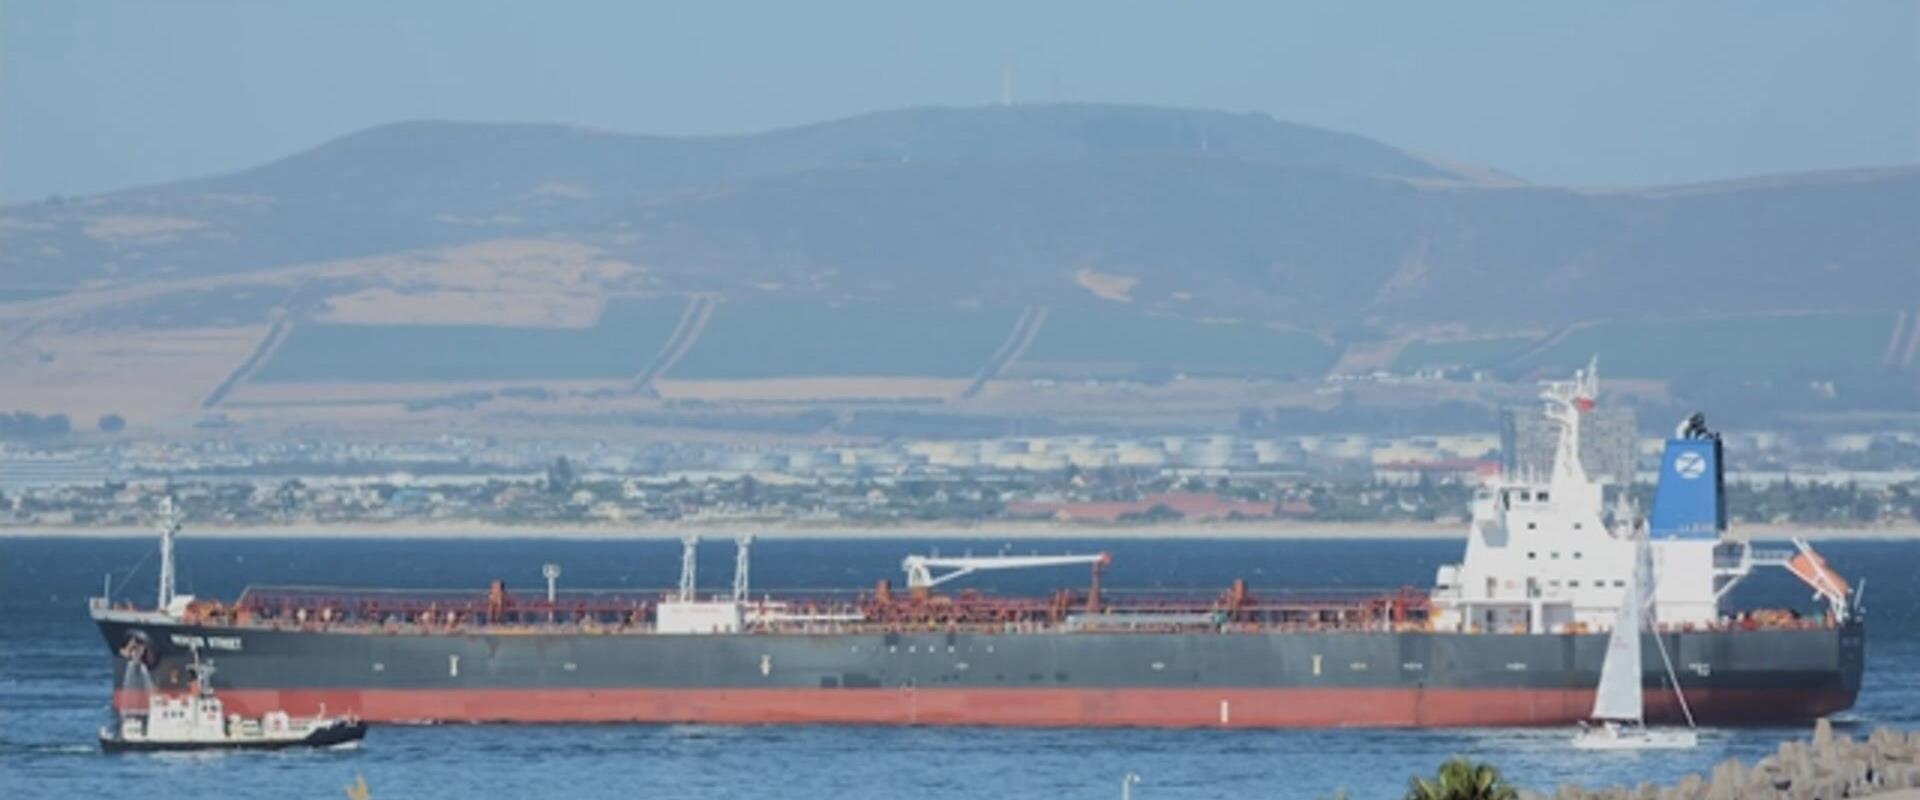 ספינה של חברת זודיאק בניהול אייל עופר